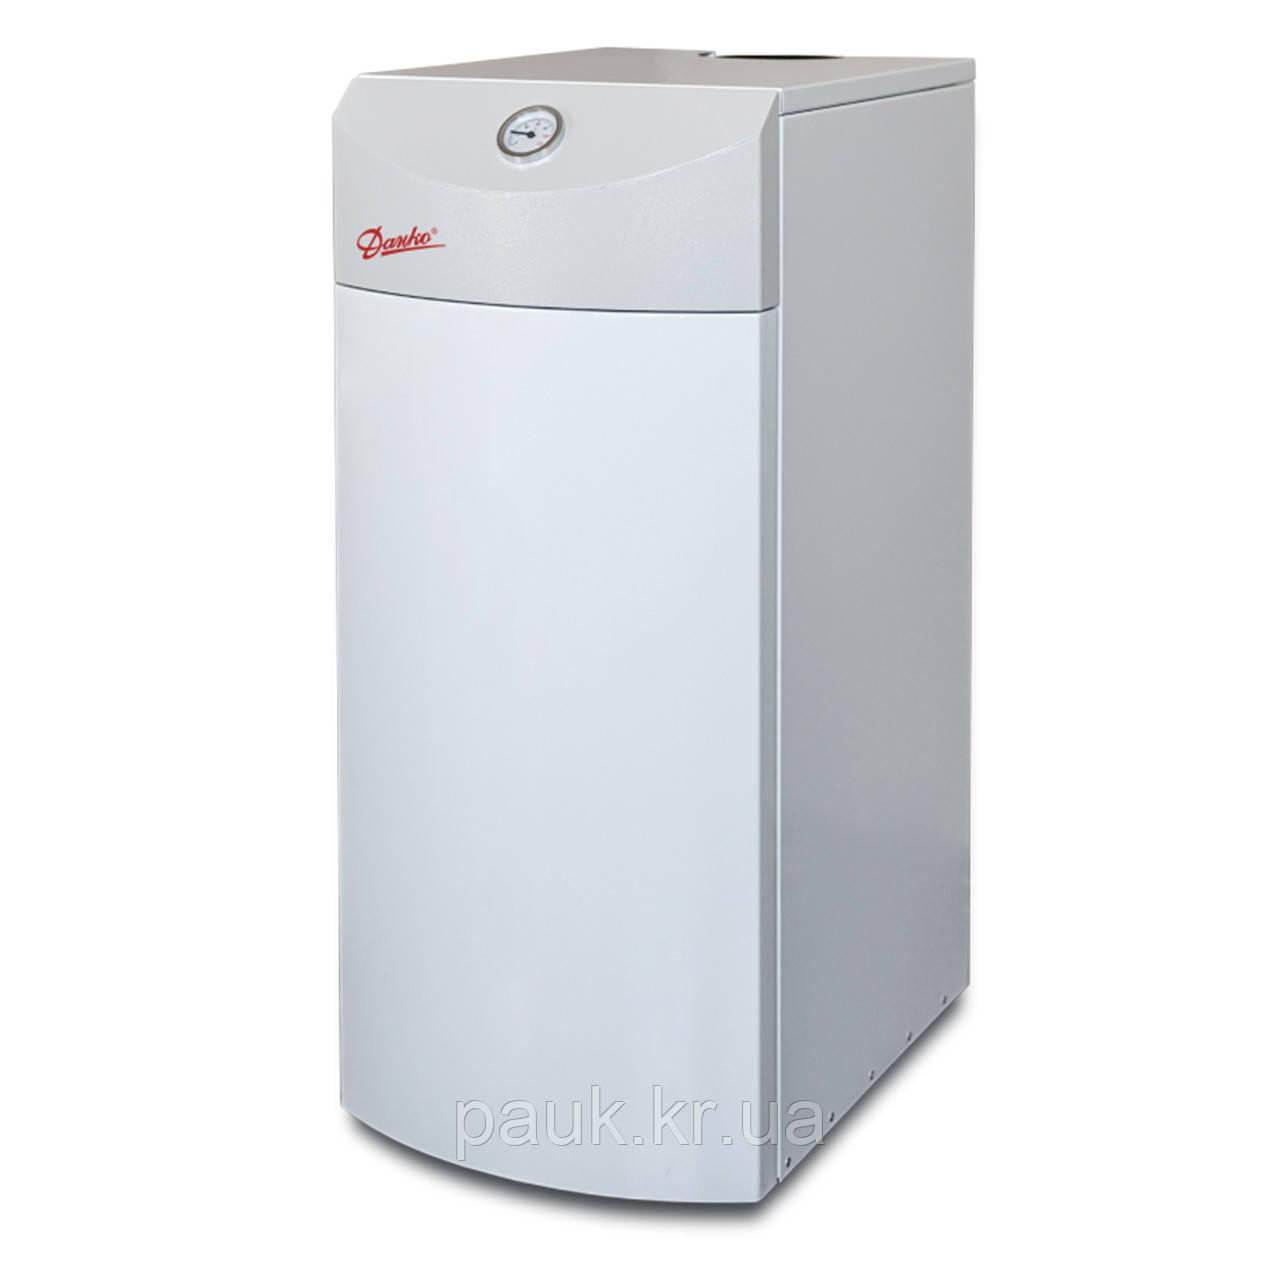 Котел Данко газовый 15В кВт(автоматика КАРЕ), газовый котел с водоподогревом